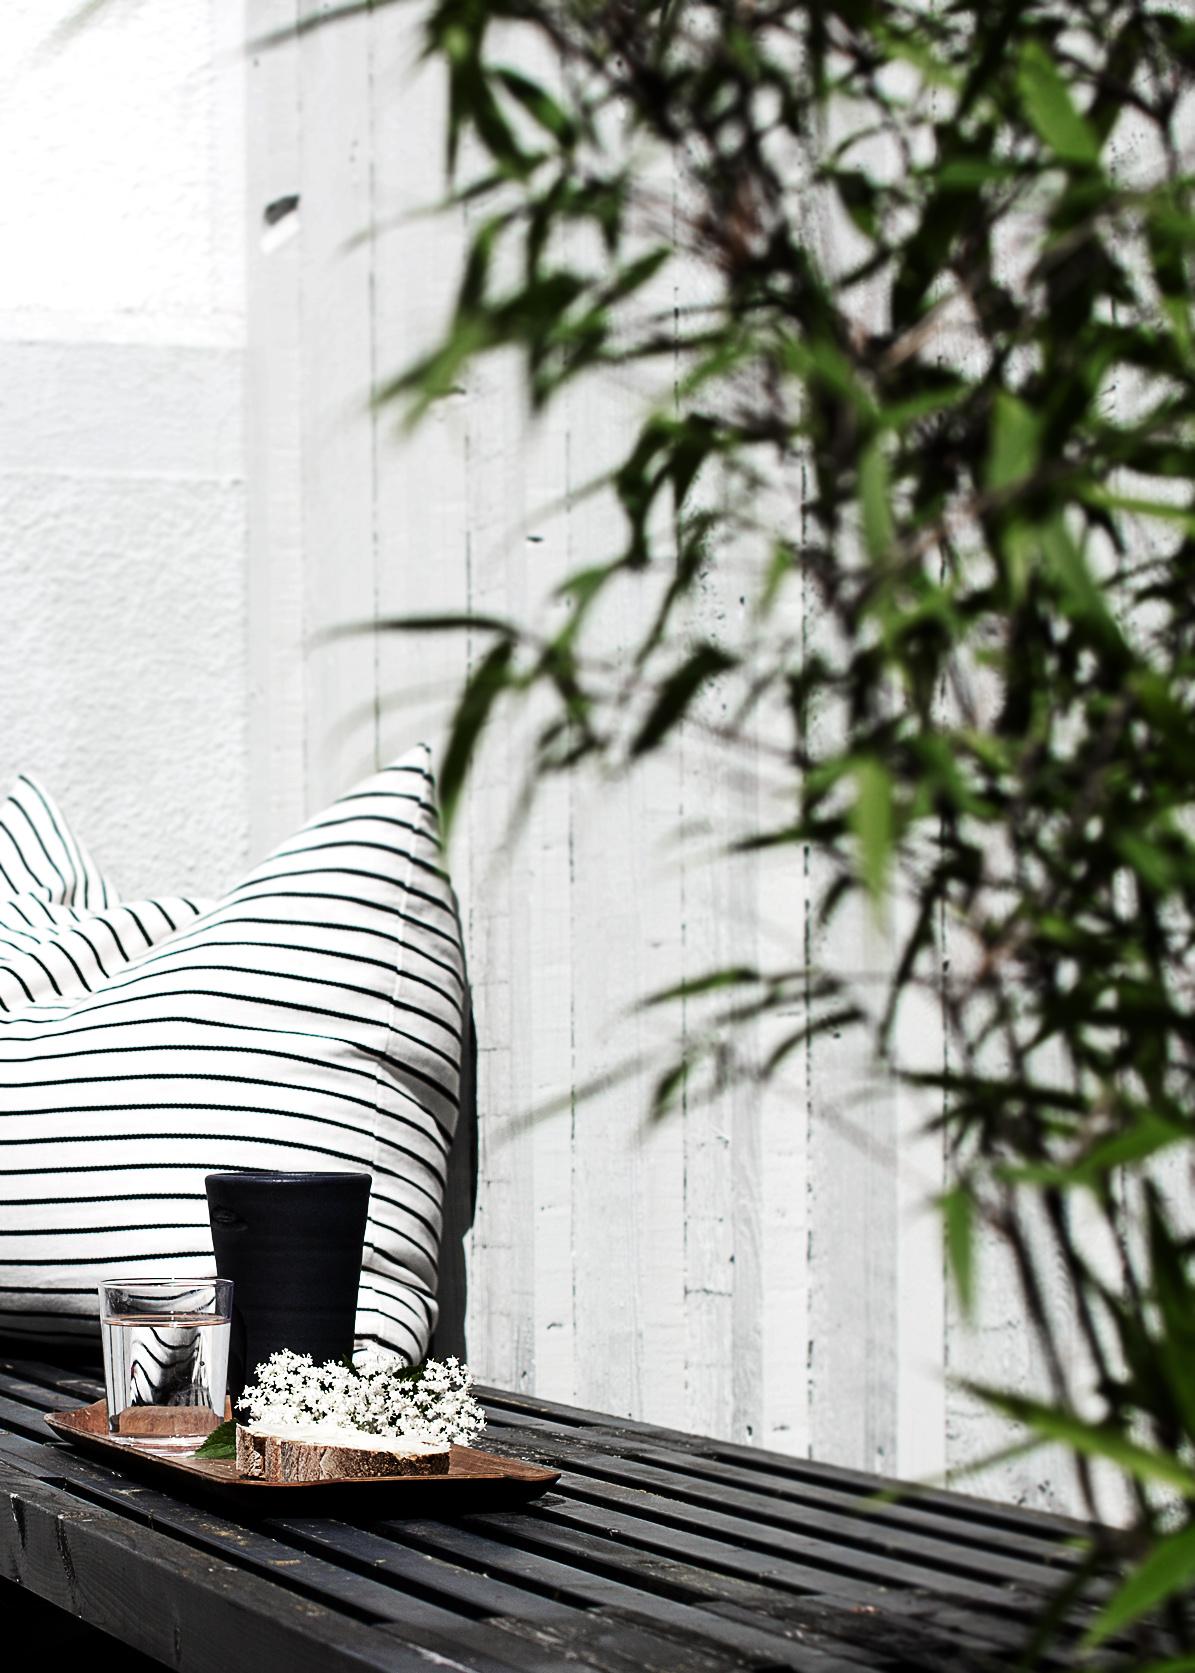 dw morgonsol 3 av 12 Black and White Deck Design